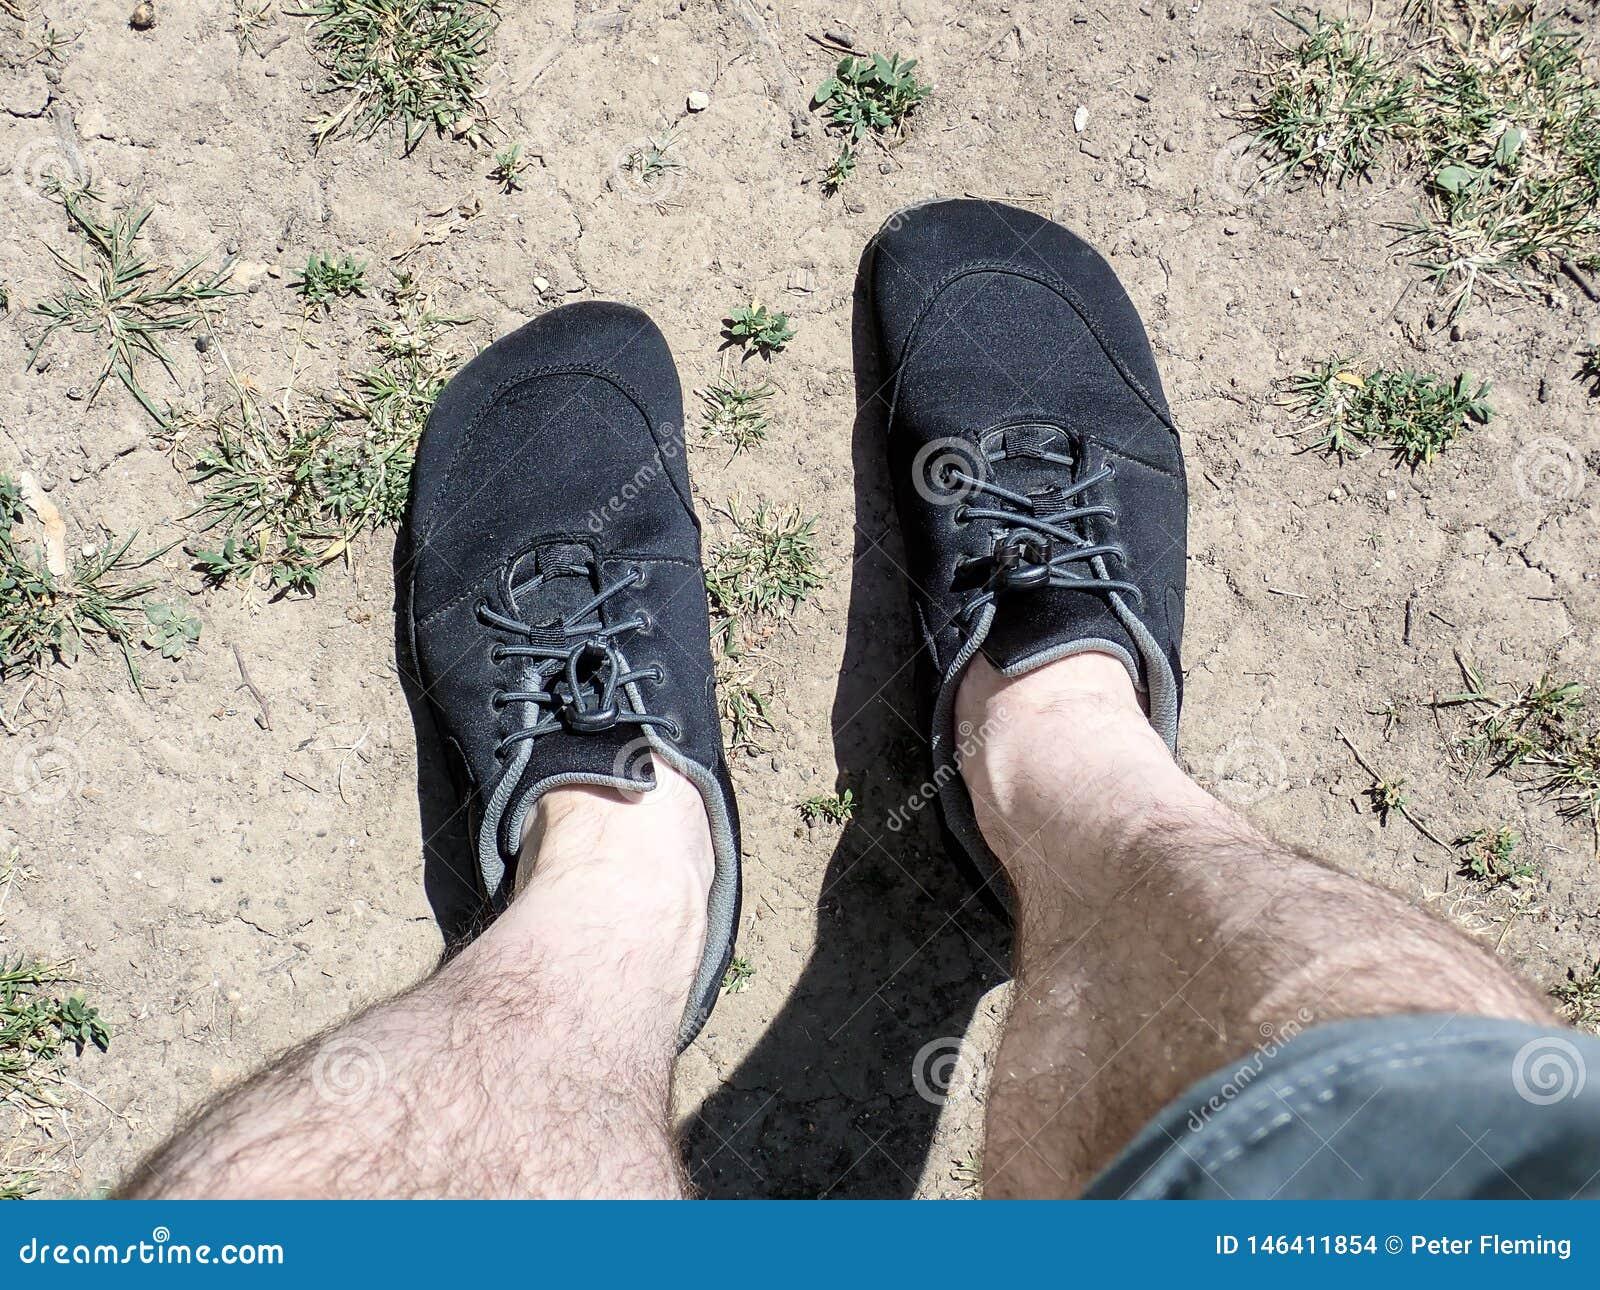 Sapatas descalças vestidas com short e pés desencapados